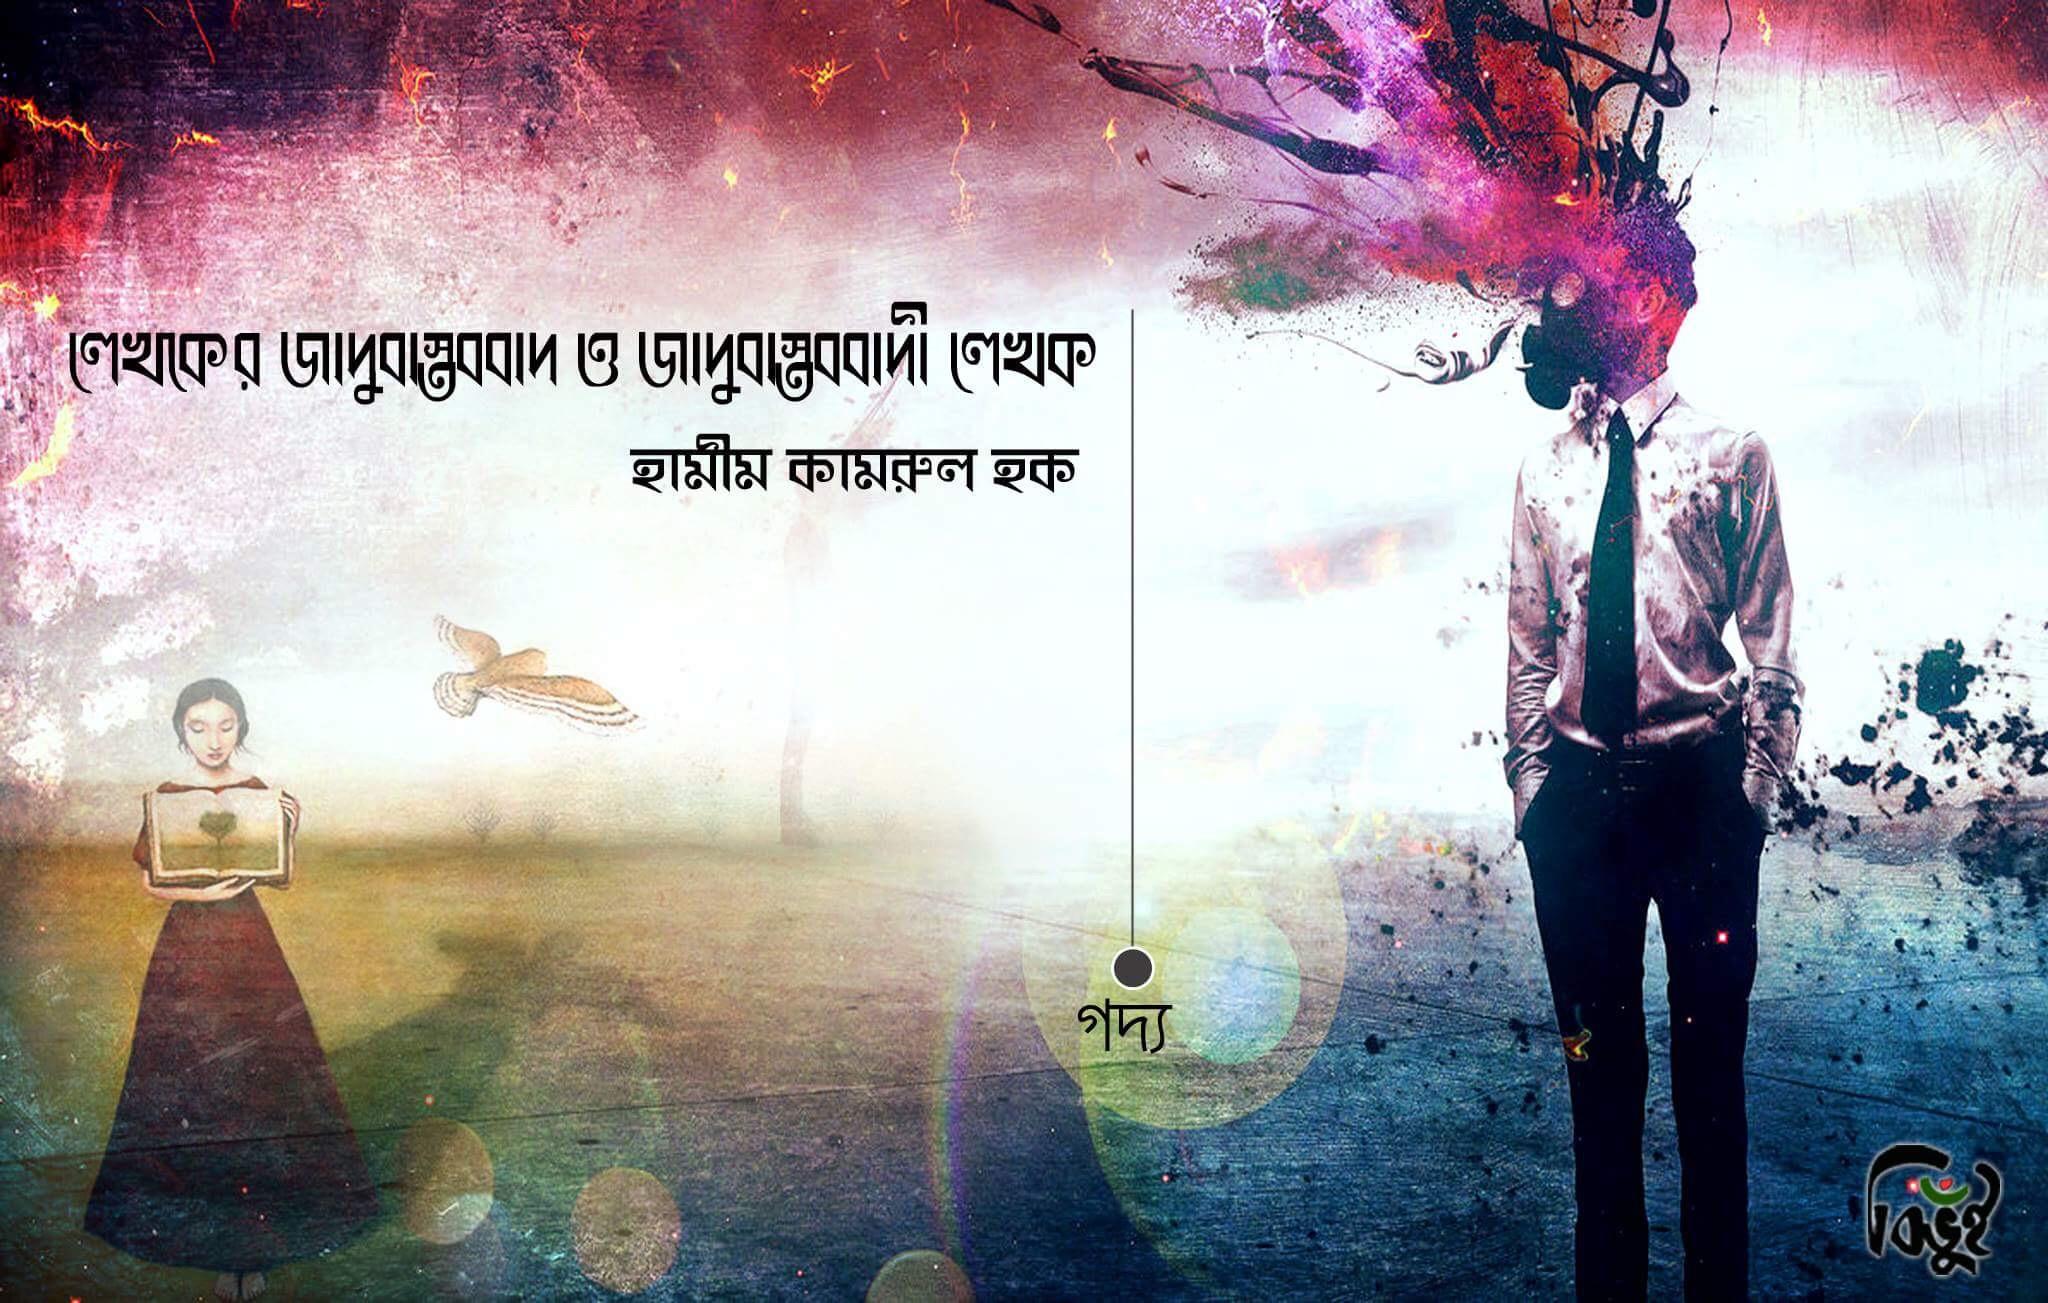 লেখকের জাদুবাস্তববাদ ও জাদুবাস্তববাদী লেখক – হামীম কামরুল হক